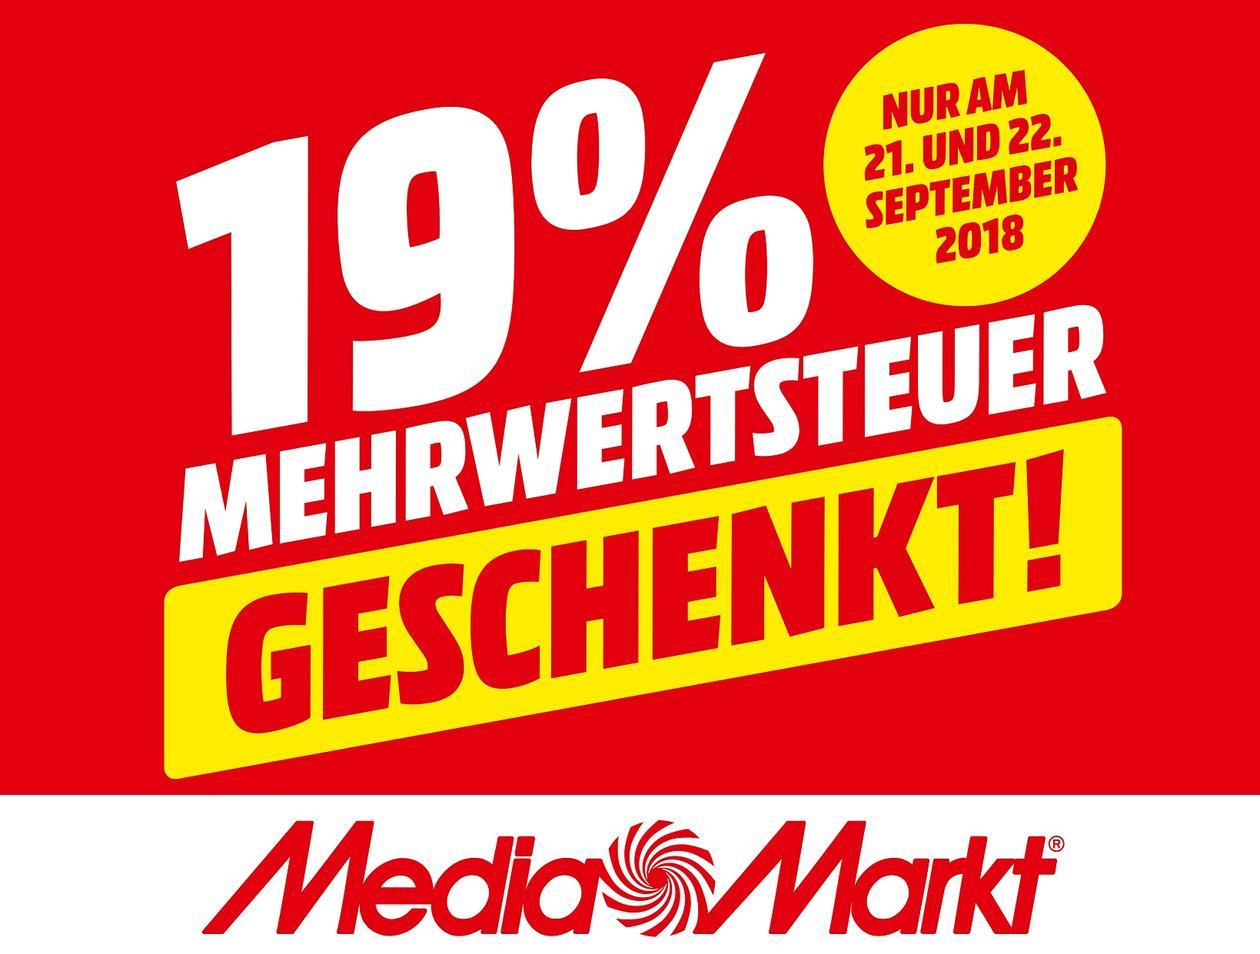 Mediamarkt Sd Karte.Nur Am 21 Und 22 September Mediamarkt Heidelberg Schenkt